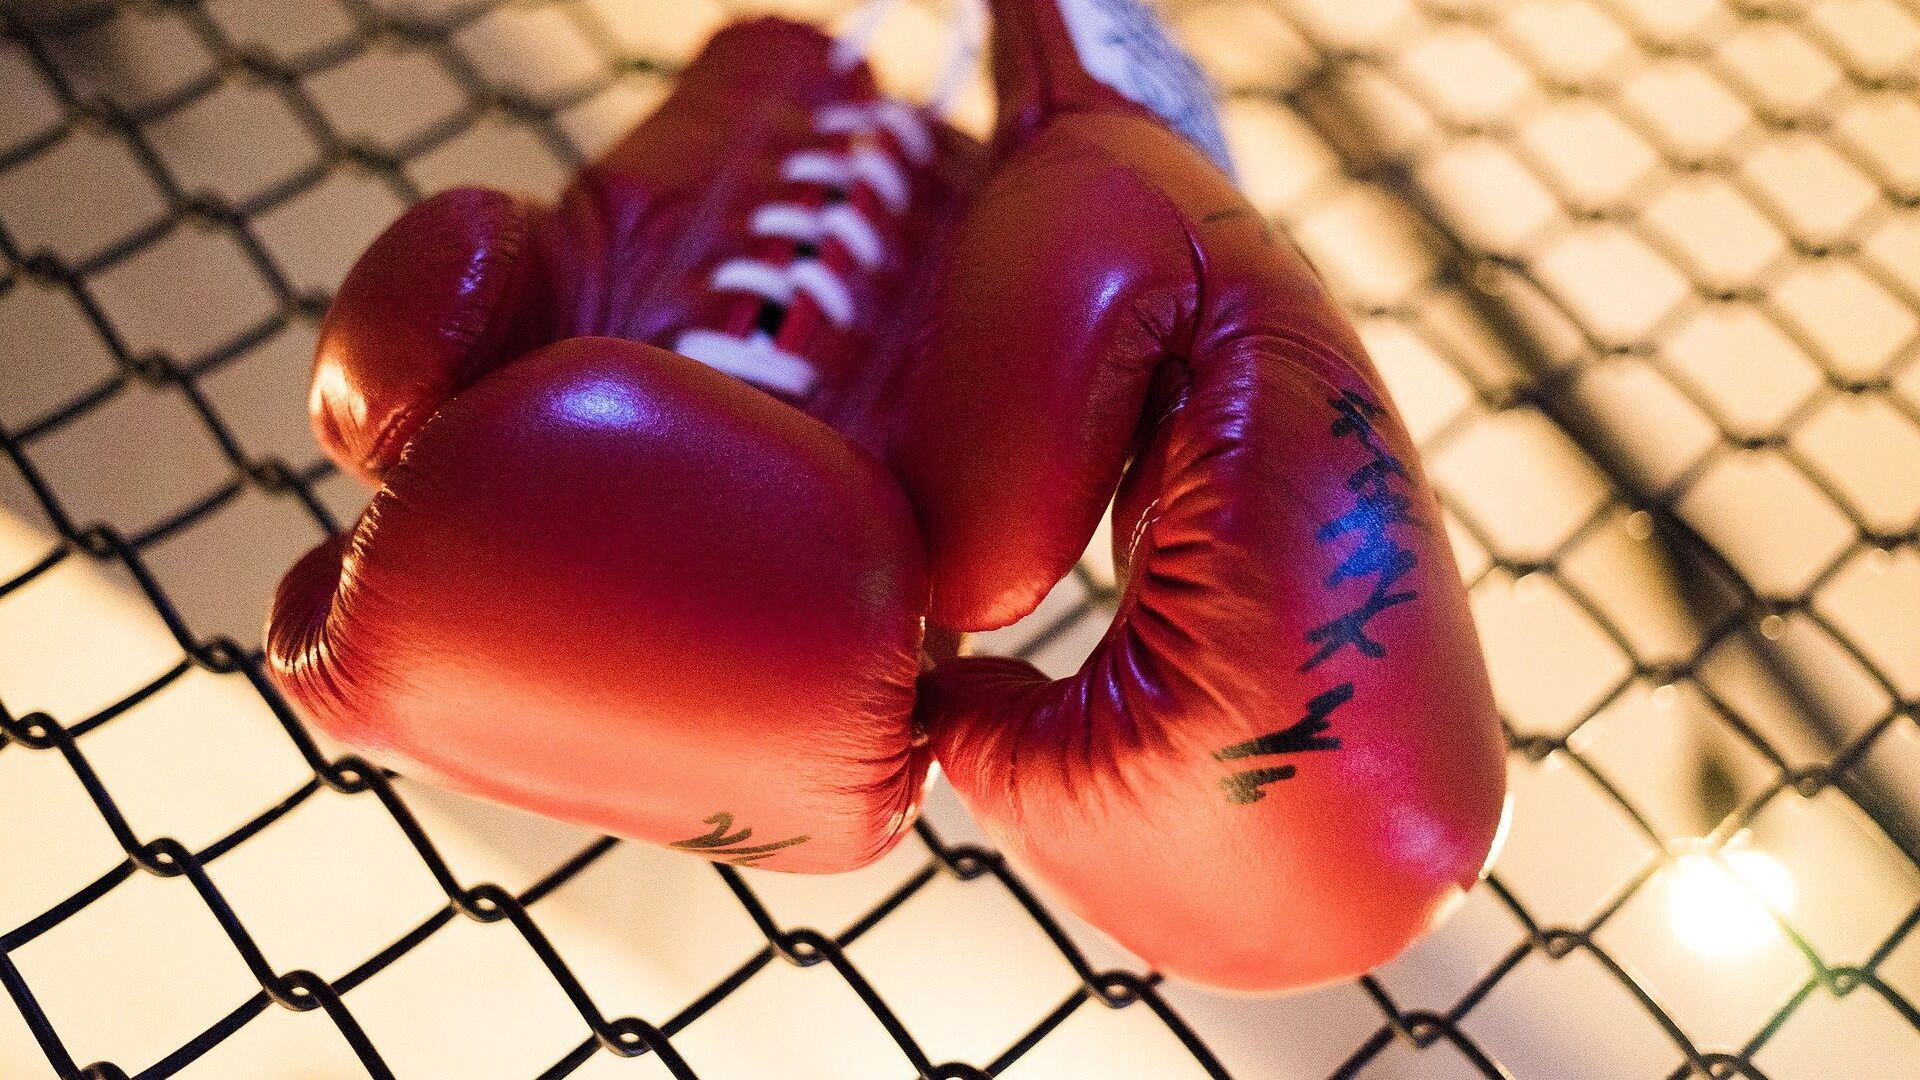 Боксерские перчатки, архивное фото - Sputnik Беларусь, 1920, 02.10.2021